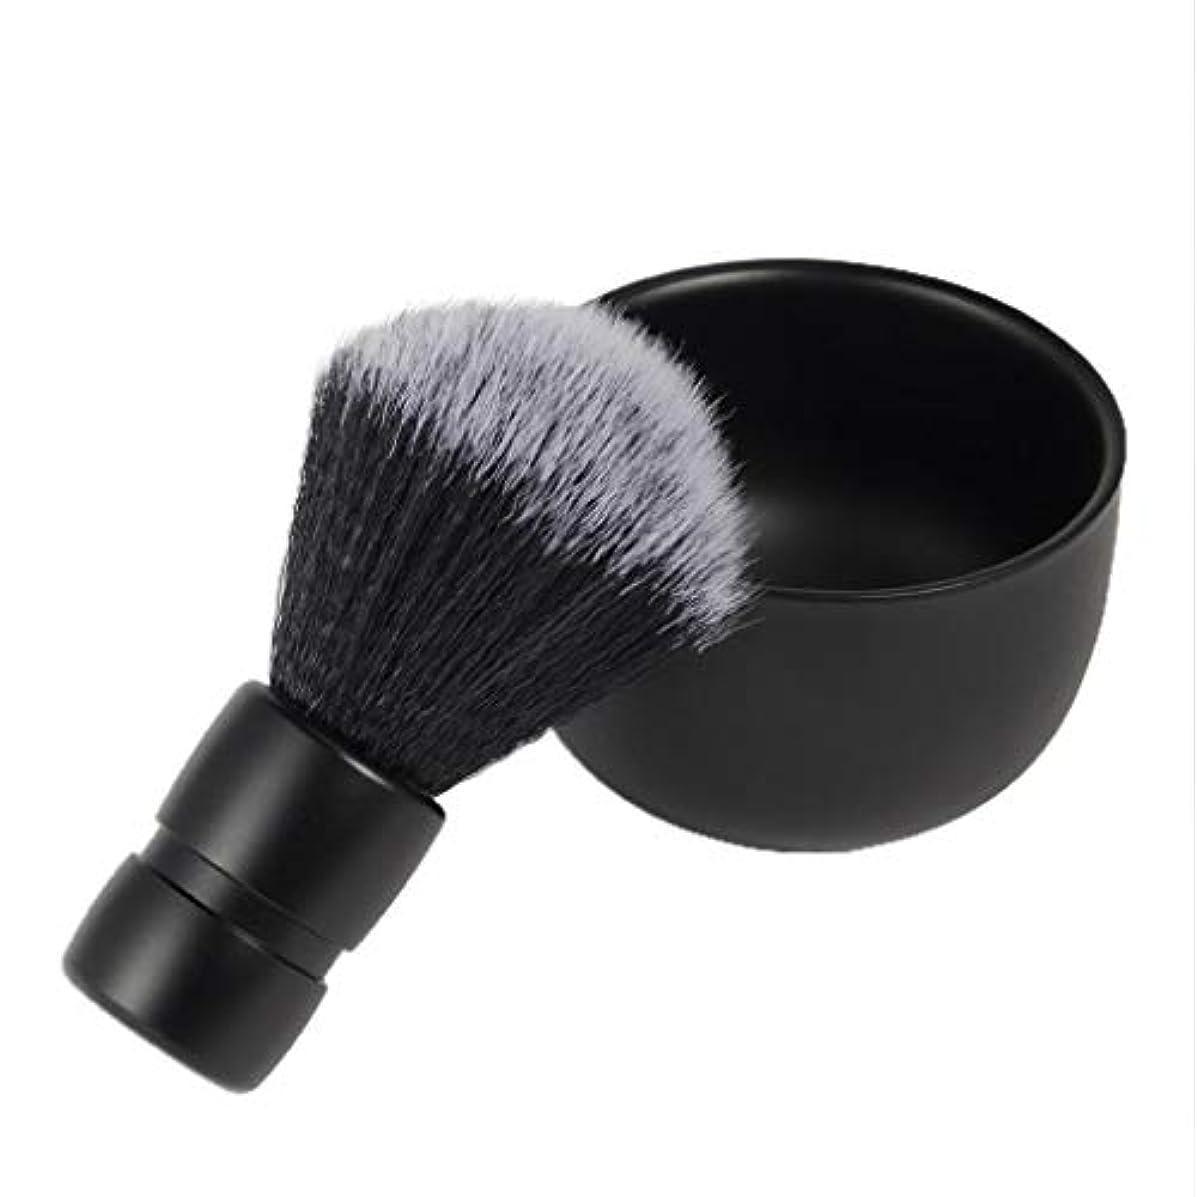 憂慮すべき限定リズムひげブラシ シェービングブラシセット ステンレス製シェービングボウル メンズ 理容 髭剃り 泡立ち ギフト